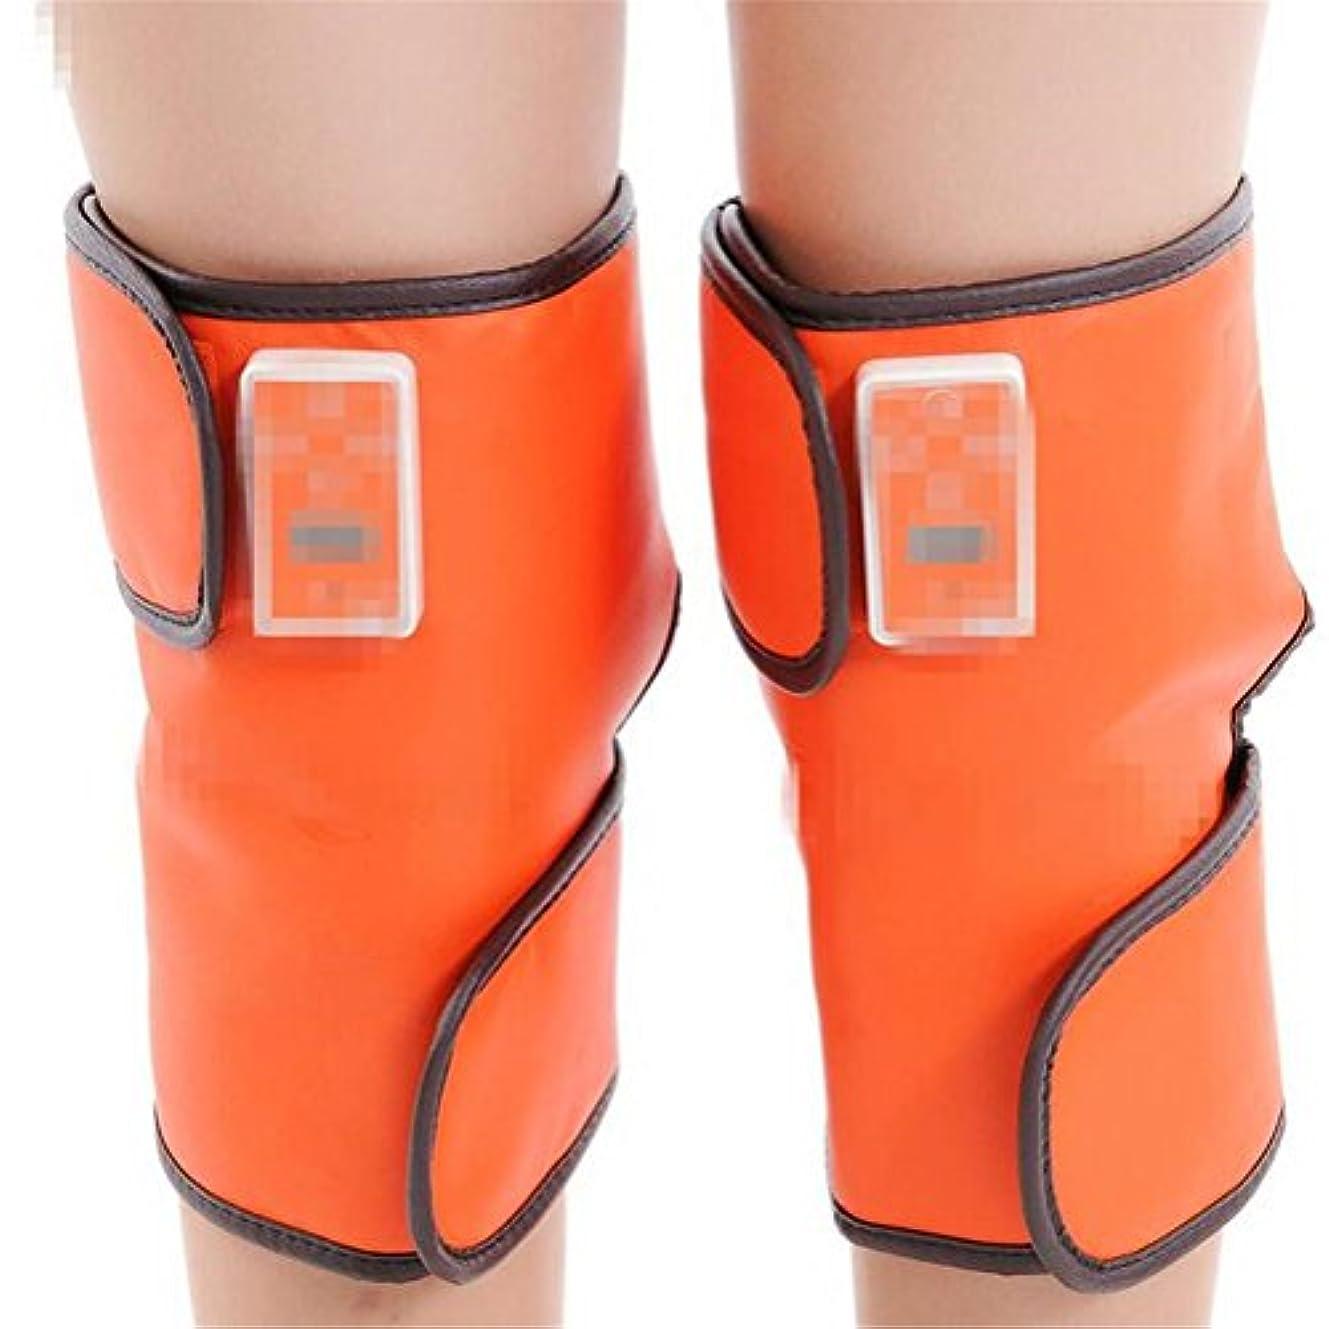 ドリル朝ごはん八百屋エレジーンス-Z電気膝パッド遠赤外線老膝膝パッド健康療法救済装置クリスマスハイエンドギフト